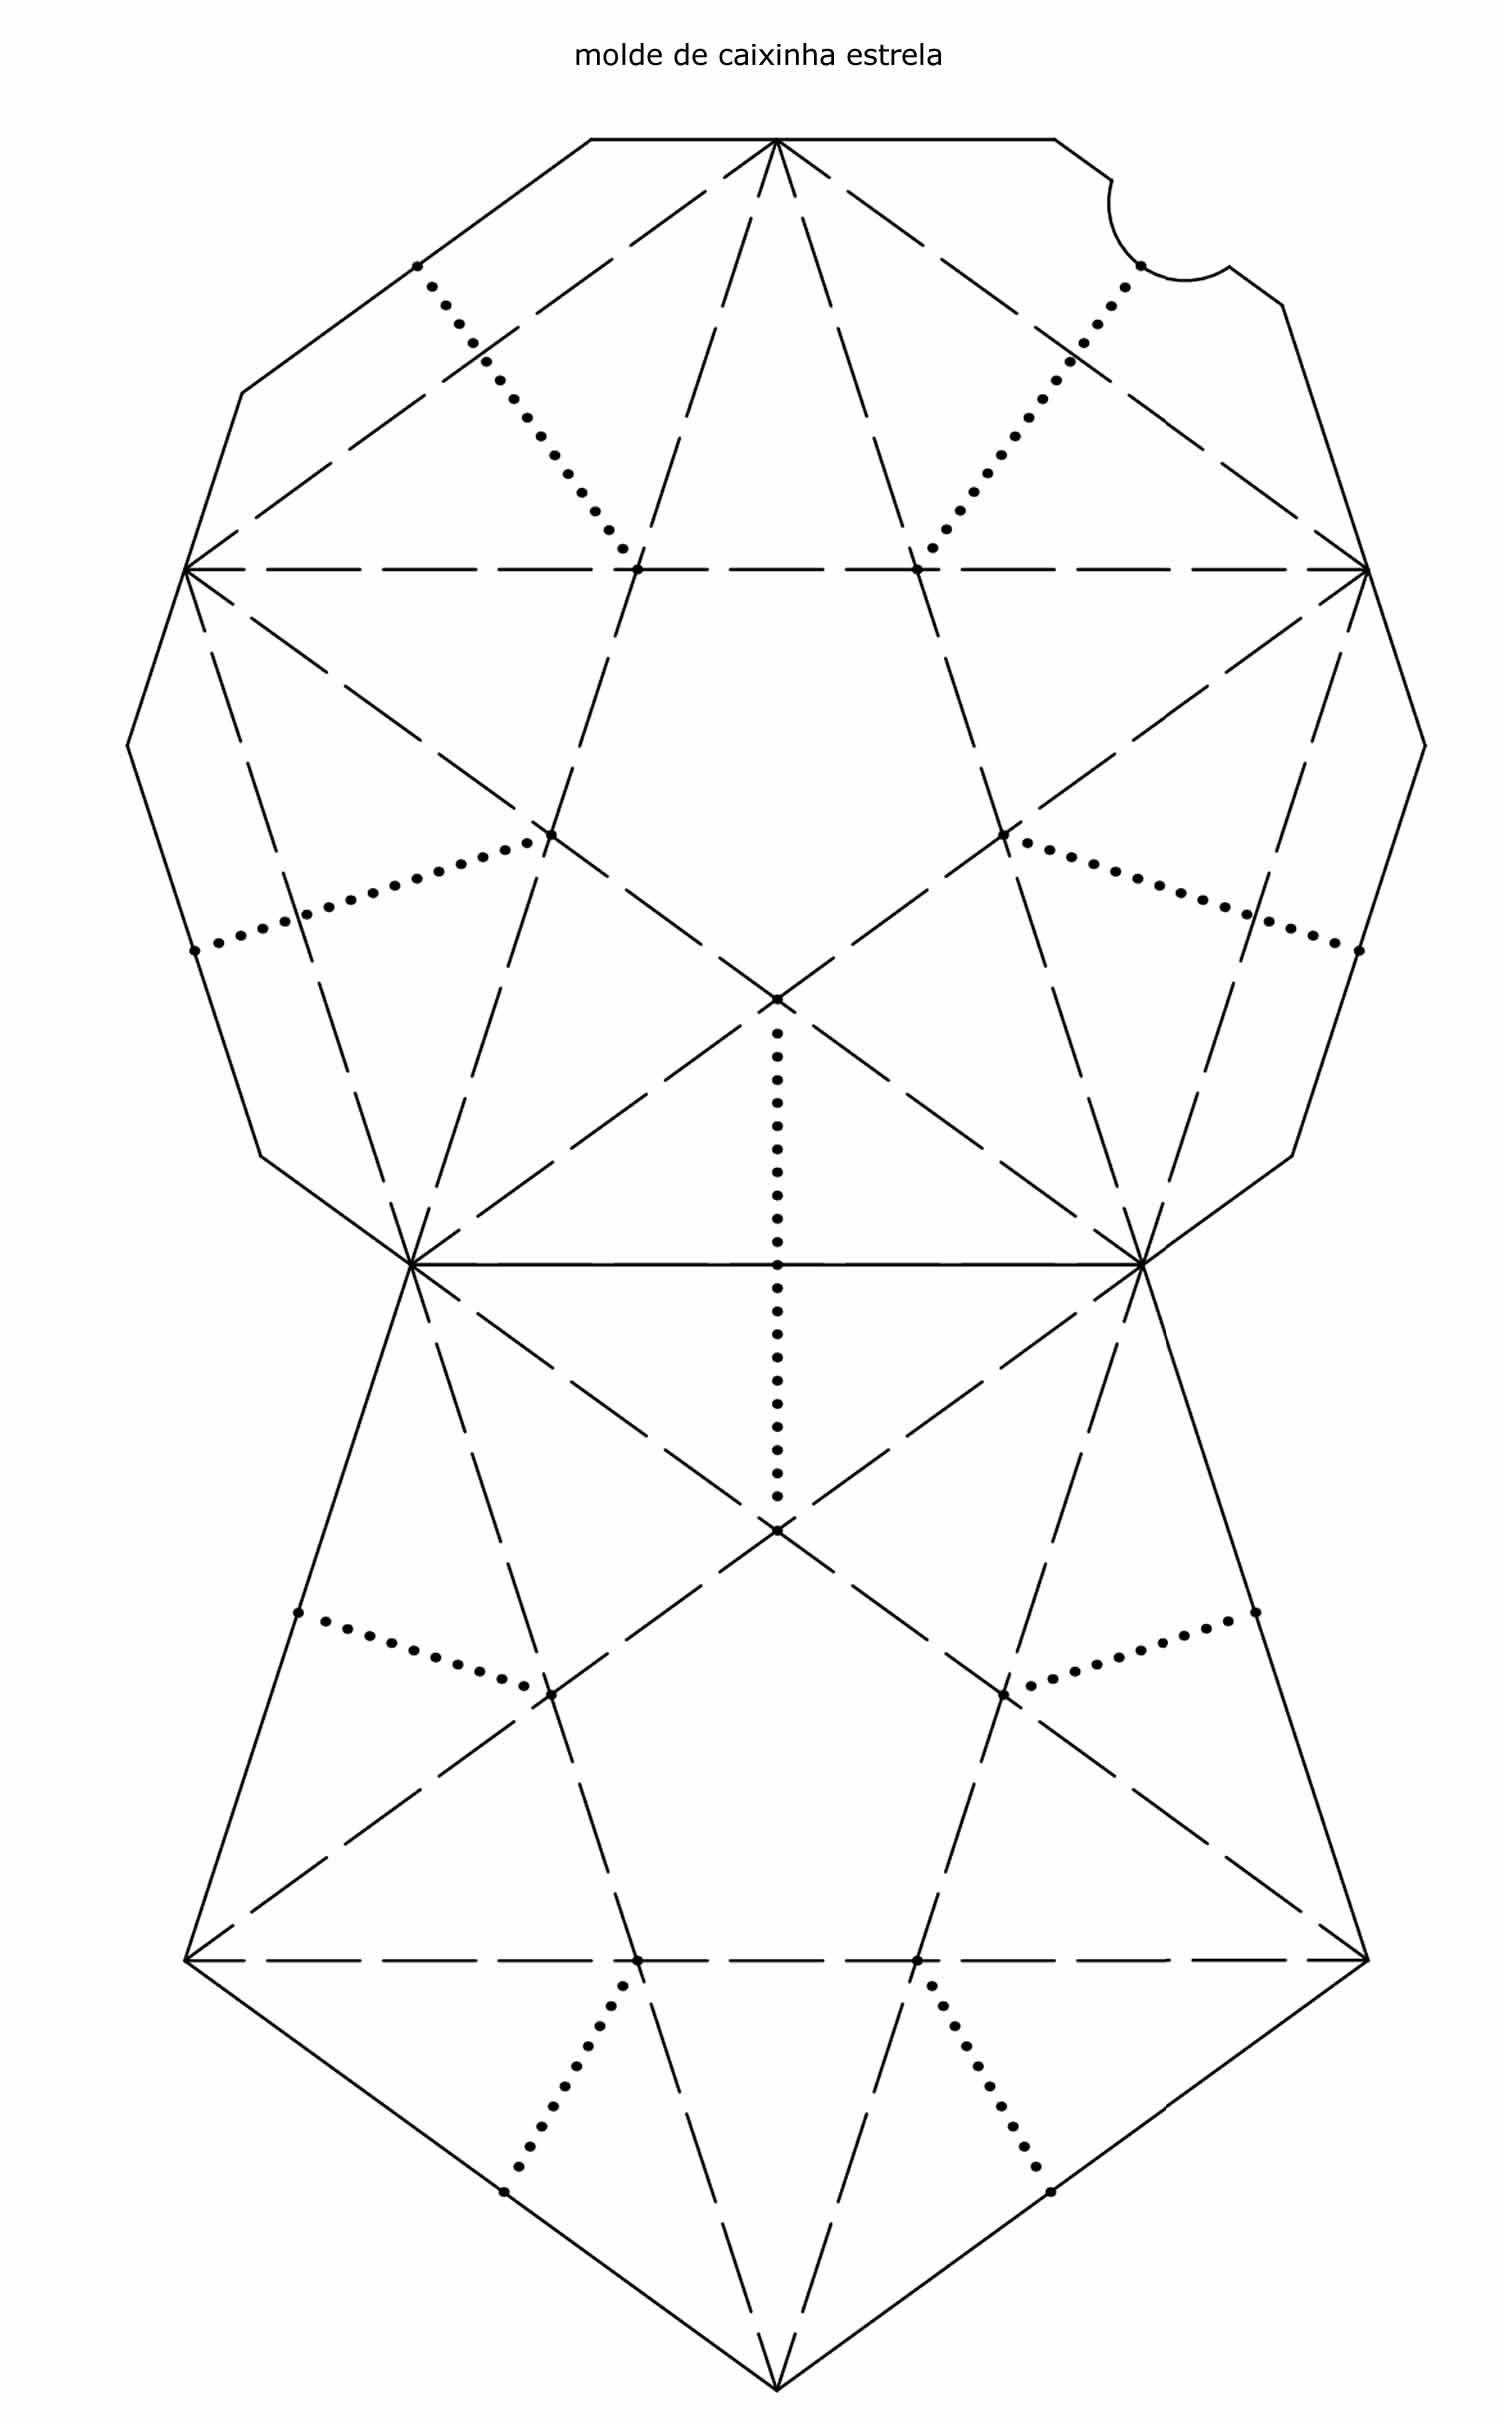 Molde para caixinha estrela